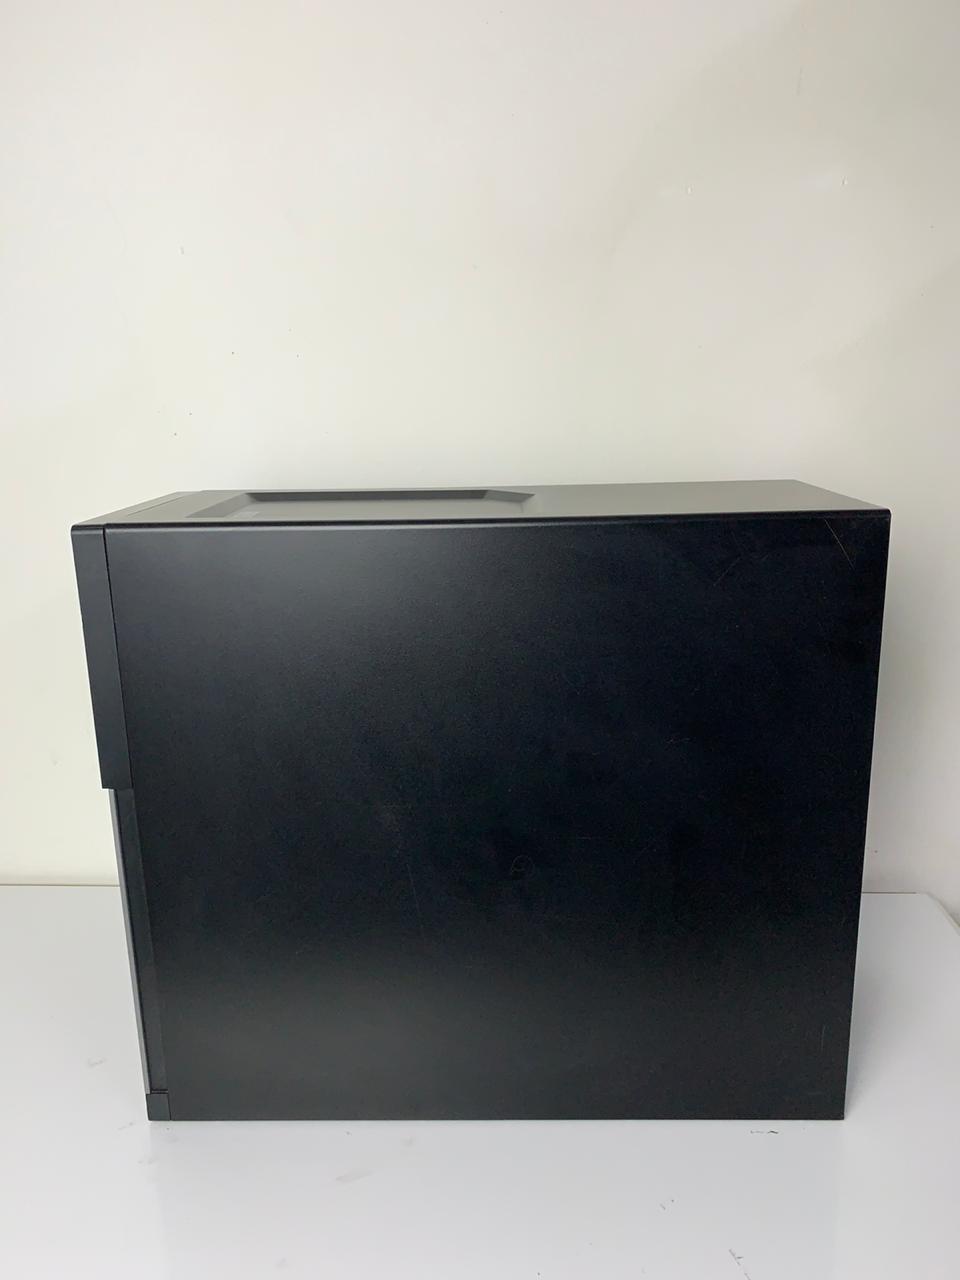 CPU Corporativa Dell Optiplex 9020 Core i5 2.8Ghz 4GB HD-500GB